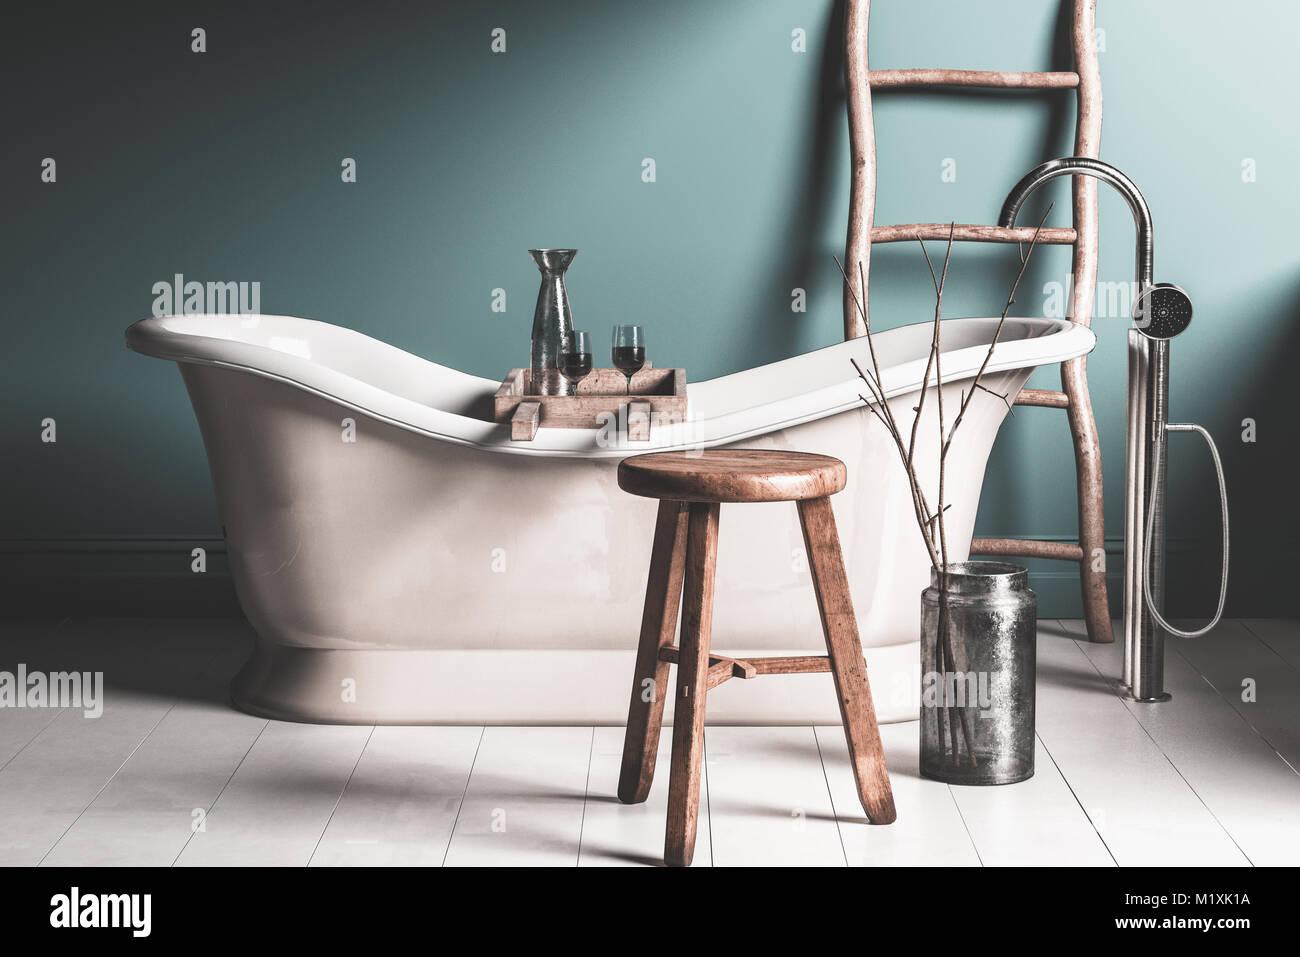 Vasca Da Bagno Espanol : Il vecchio roll top stile chateau vasca da bagno in una rustica sala